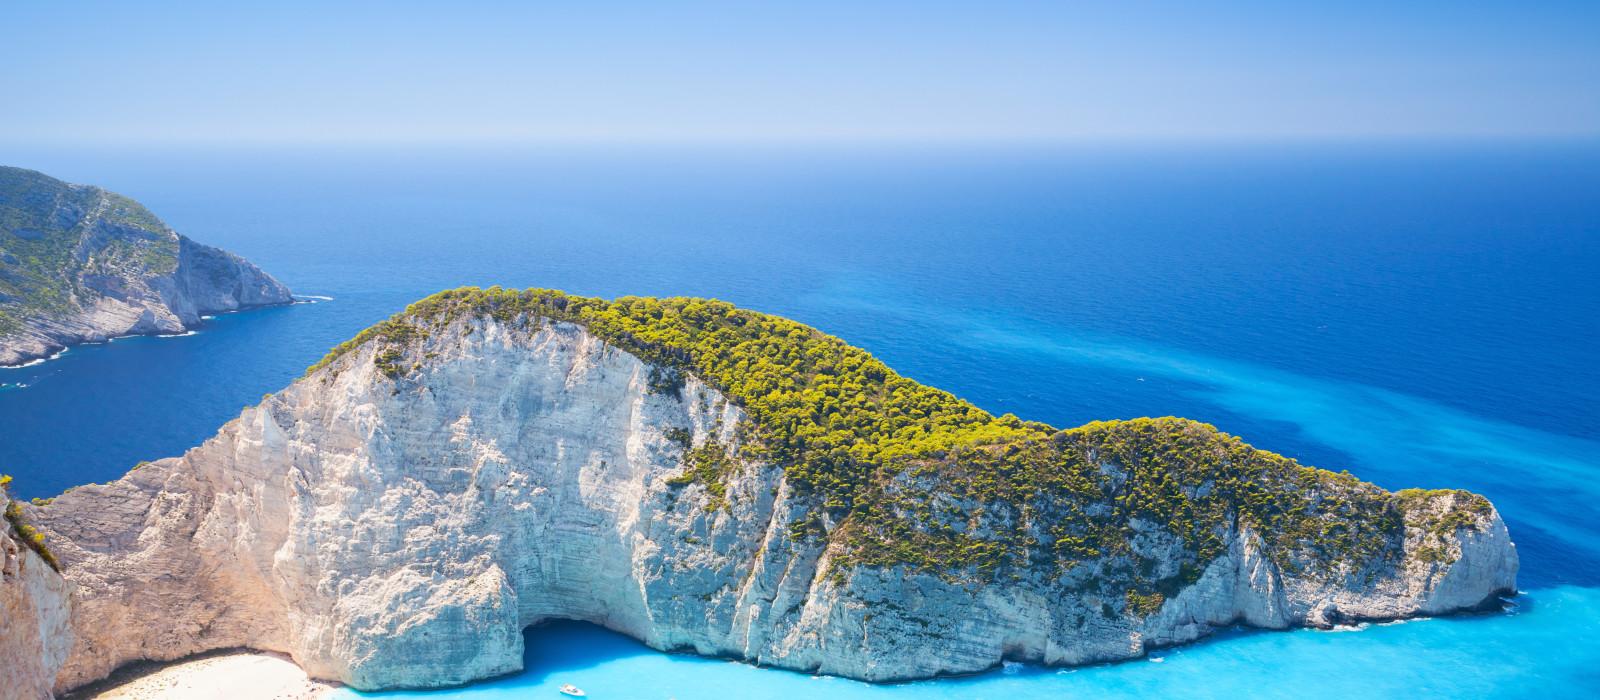 Navagio Strand, Griechenland